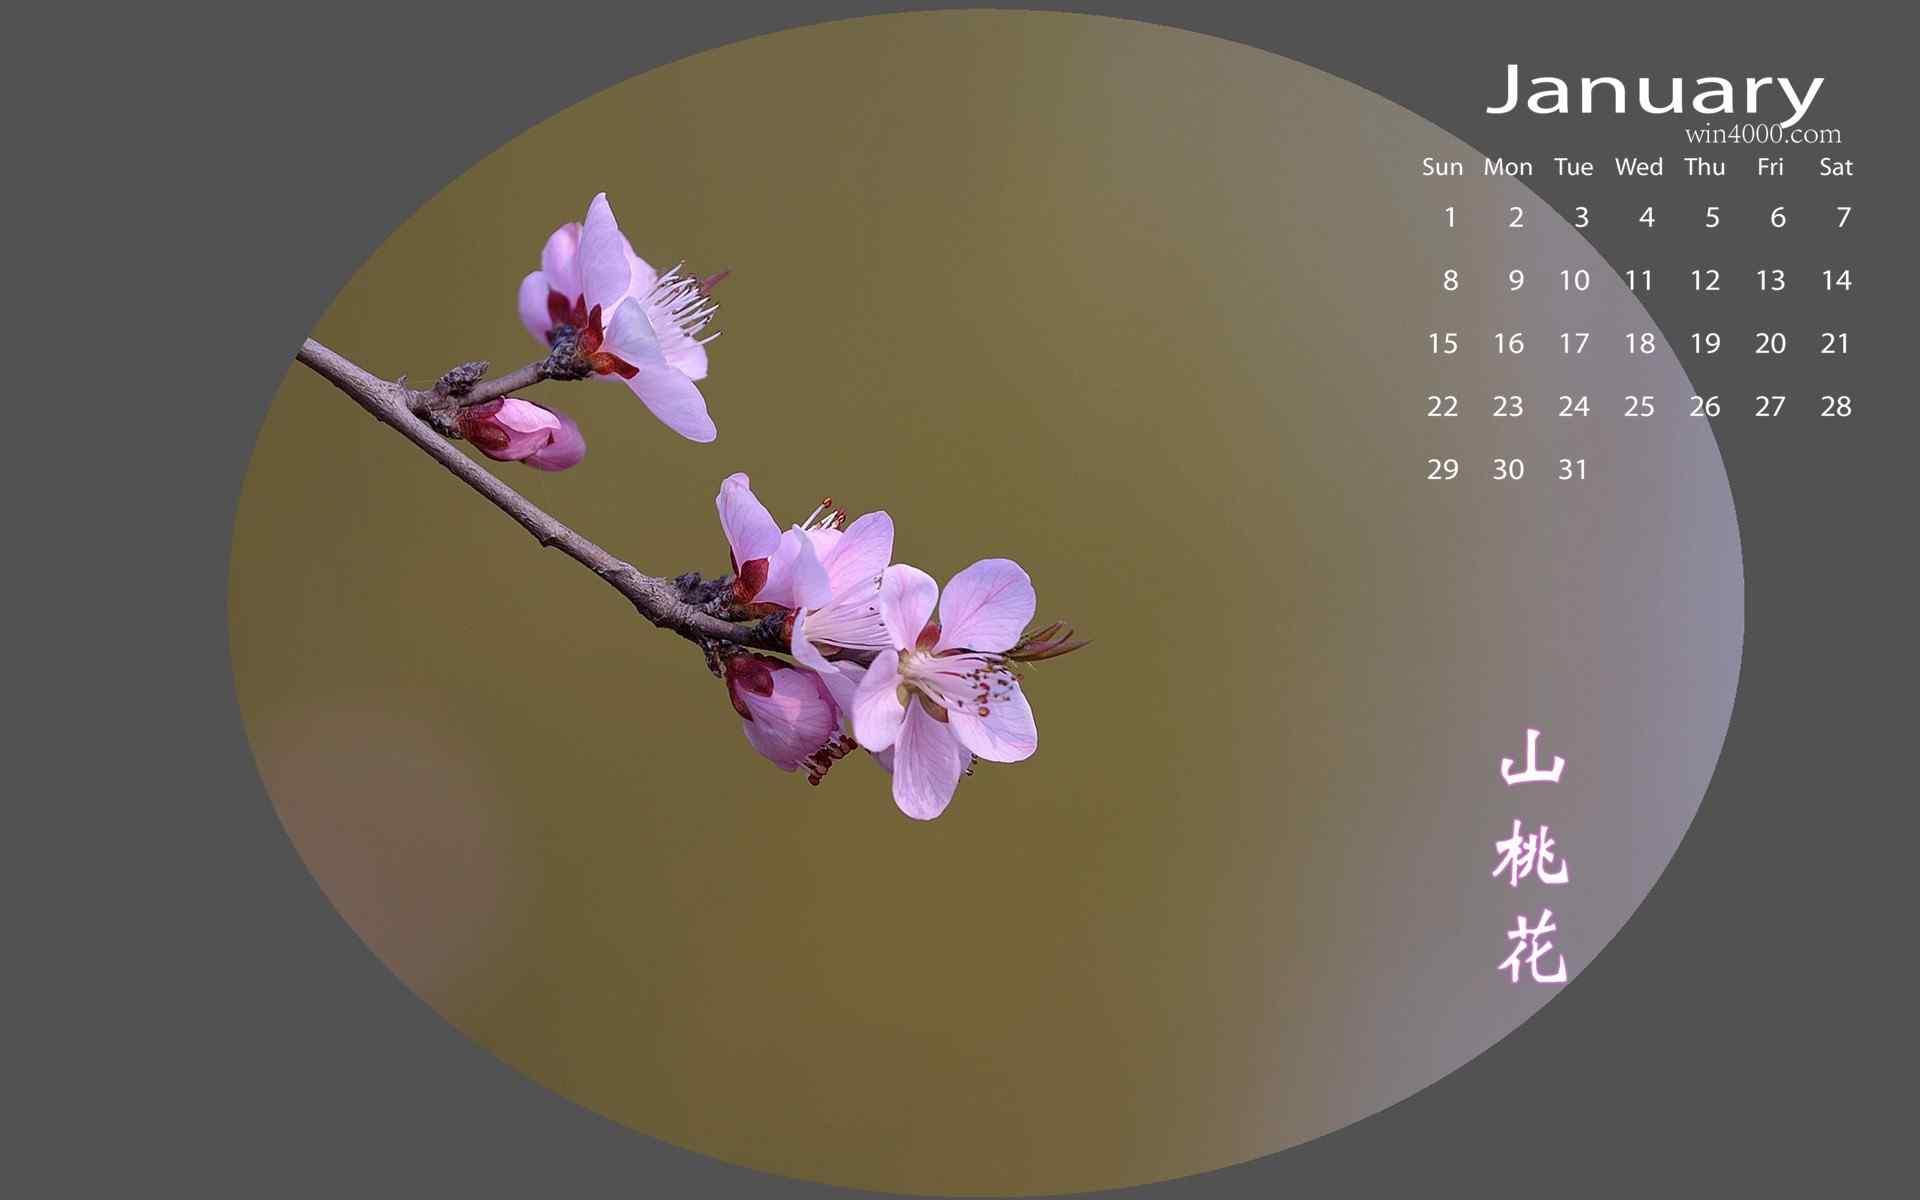 月日历美丽的山桃花图片桌面壁纸图片